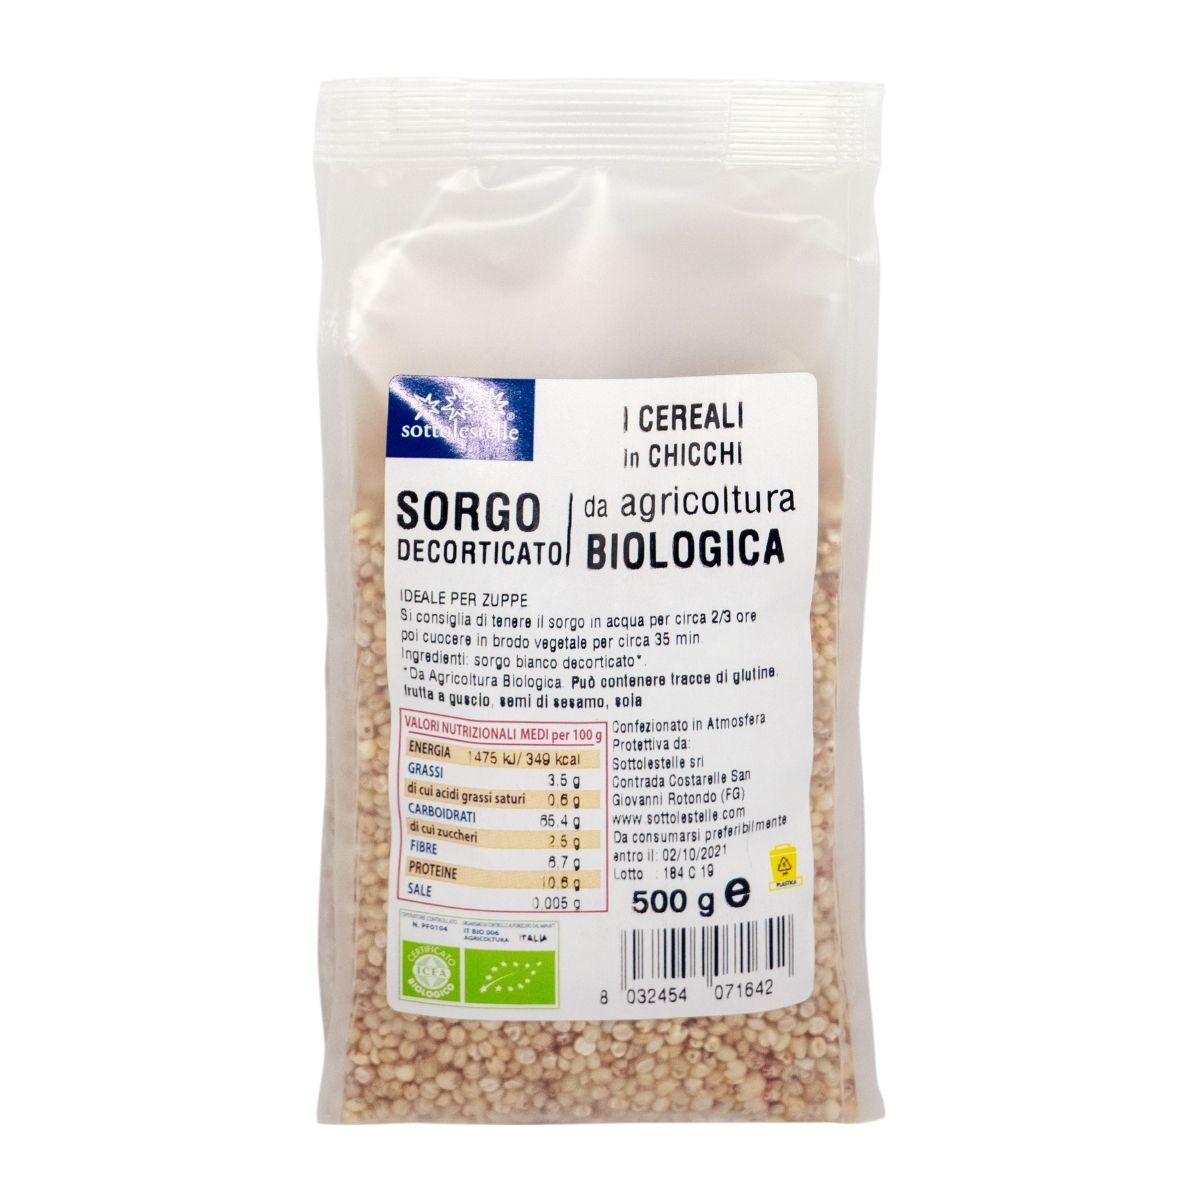 8032454071642 C Hạt siêu cao lương (bobo) hữu cơ đã bóc vỏ Sotto 500g - Sorgo decorticato